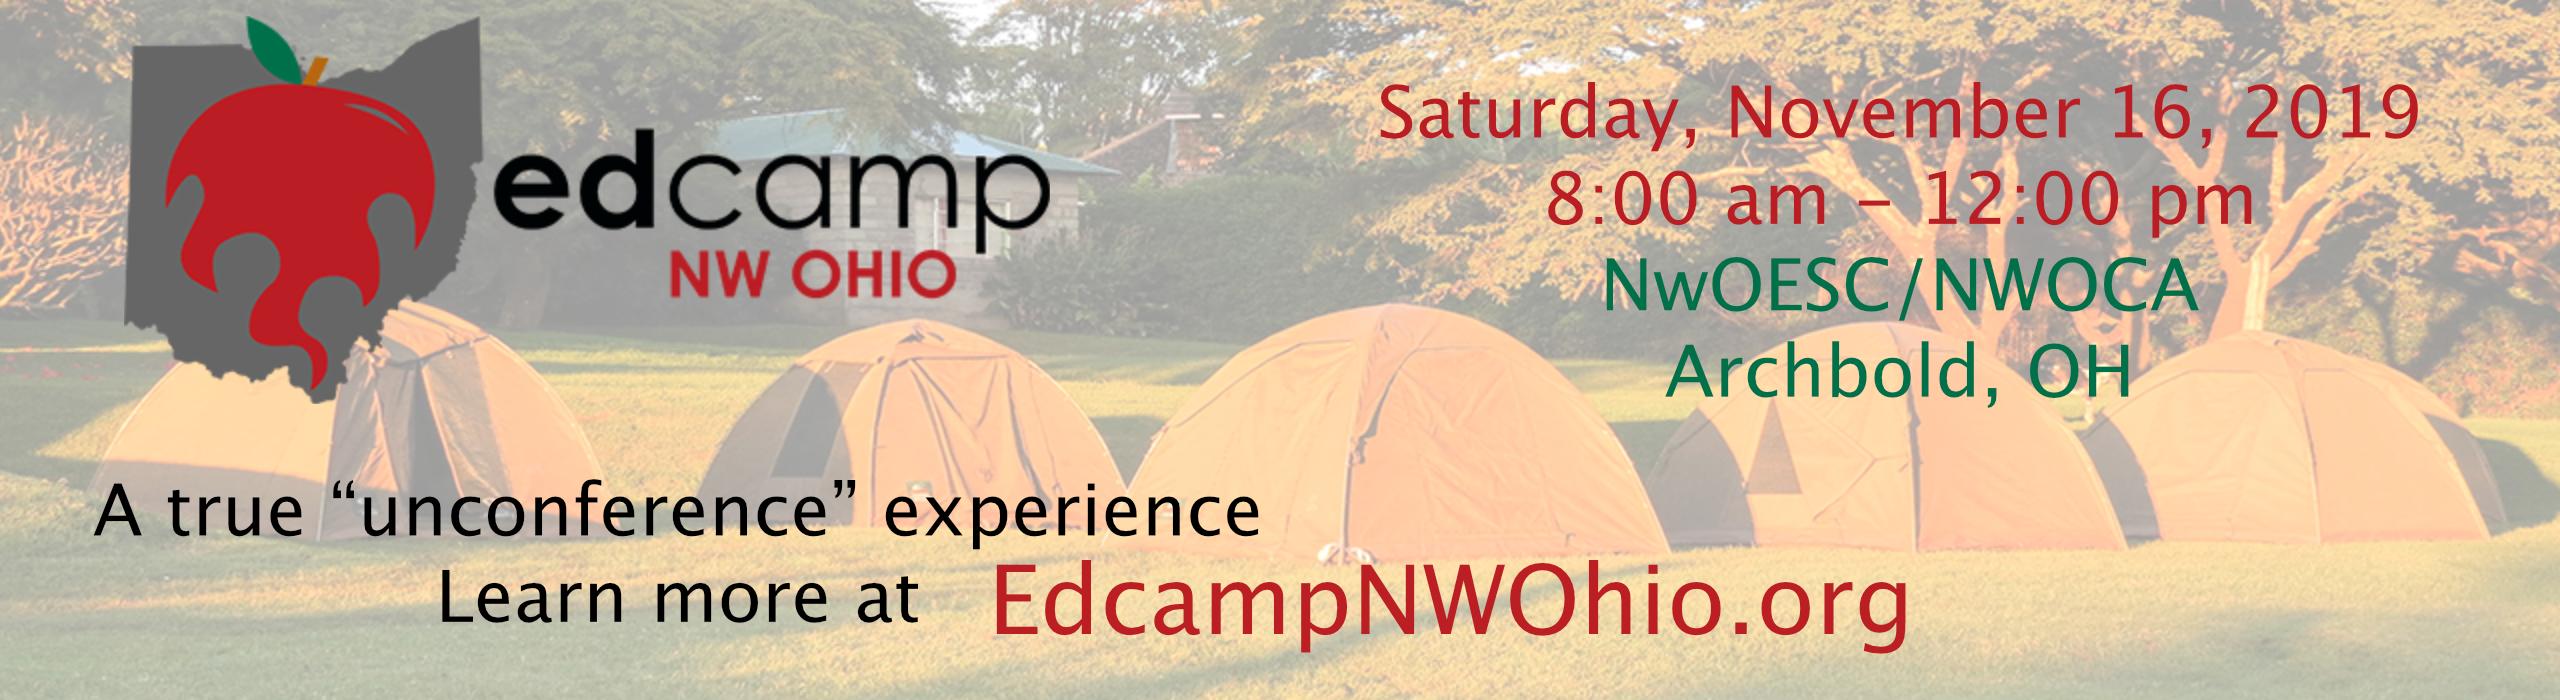 Edcamp Northwest Ohio - edcampnwohio.org